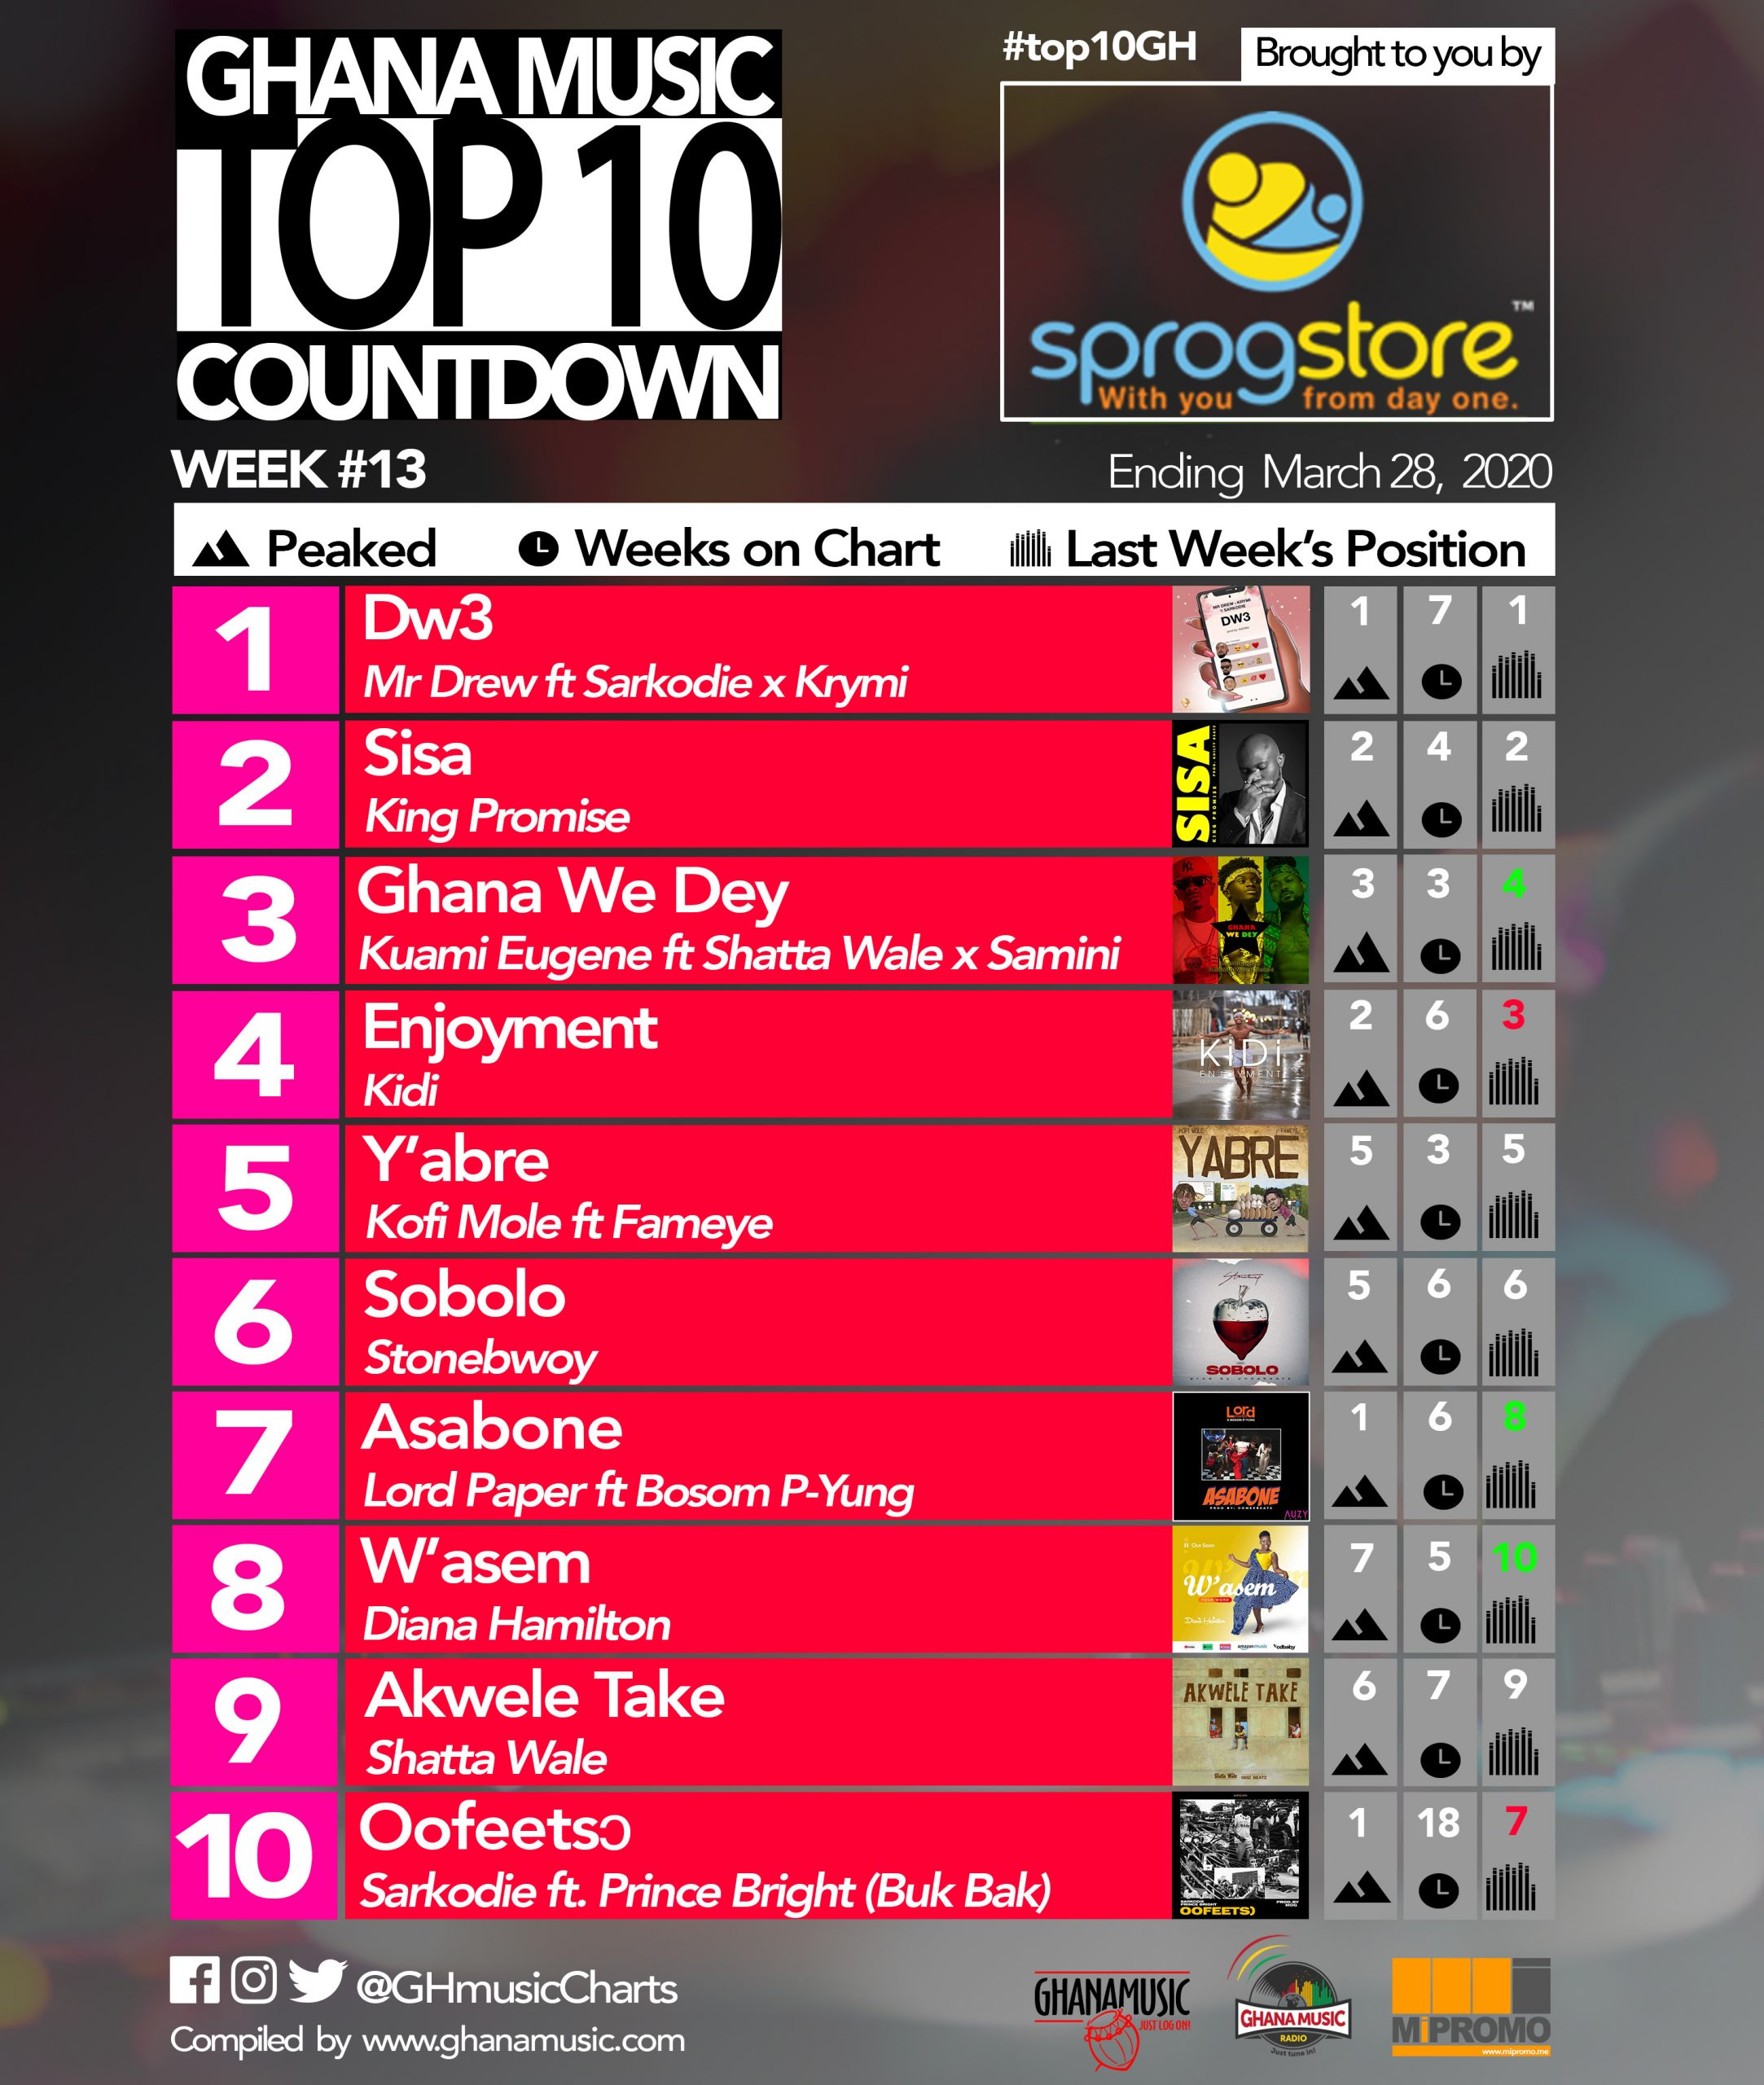 2020 Week 13: Ghana Music Top 10 Countdown